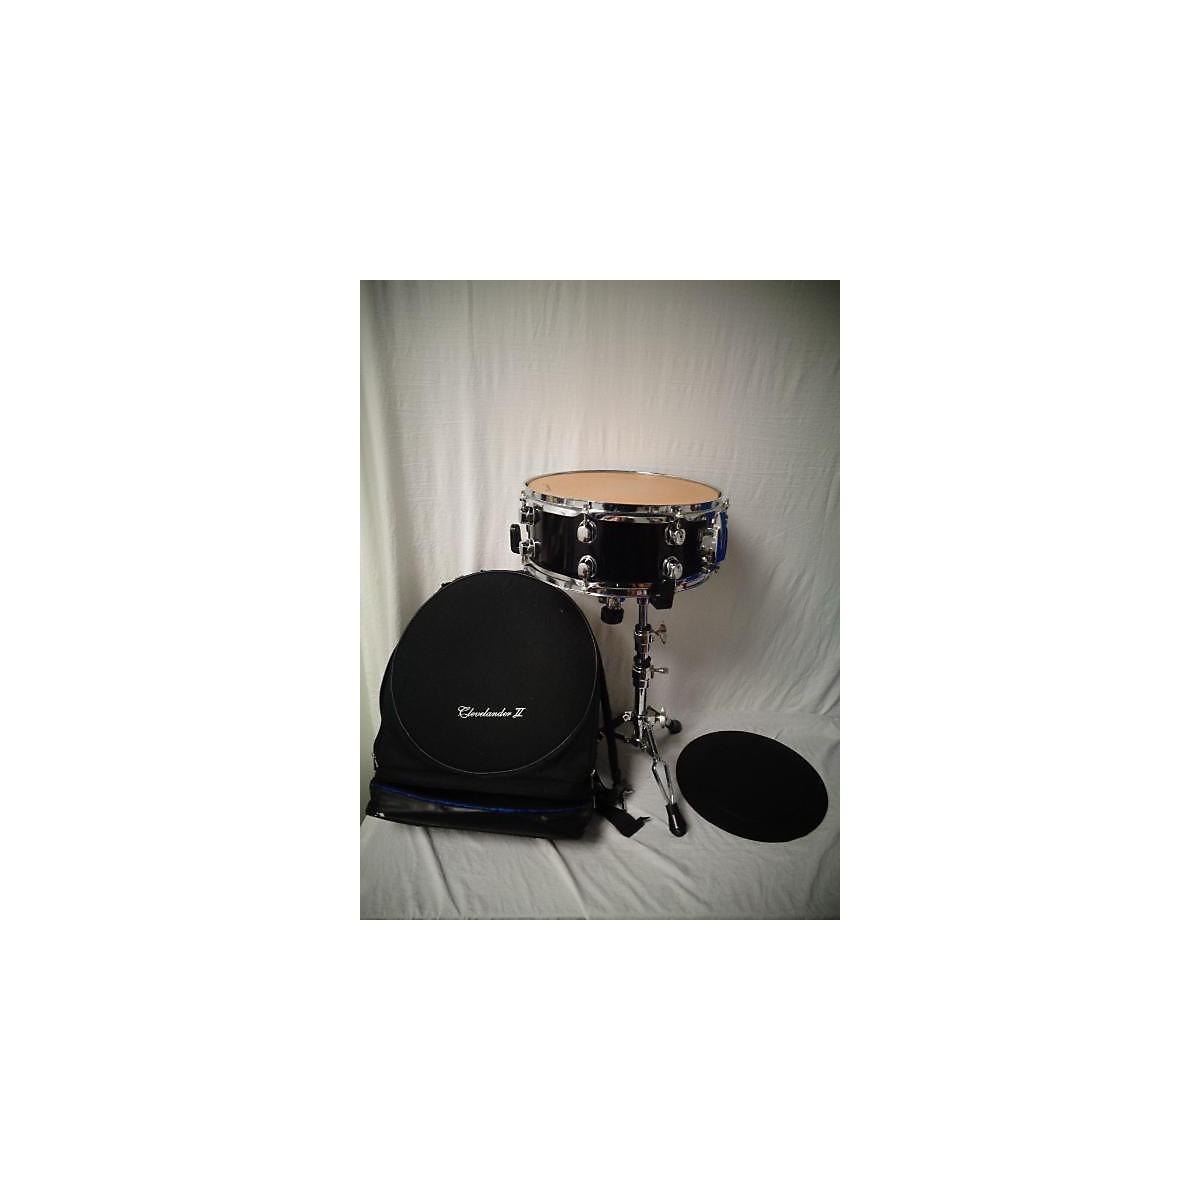 Clevelander 5X14 II Drum